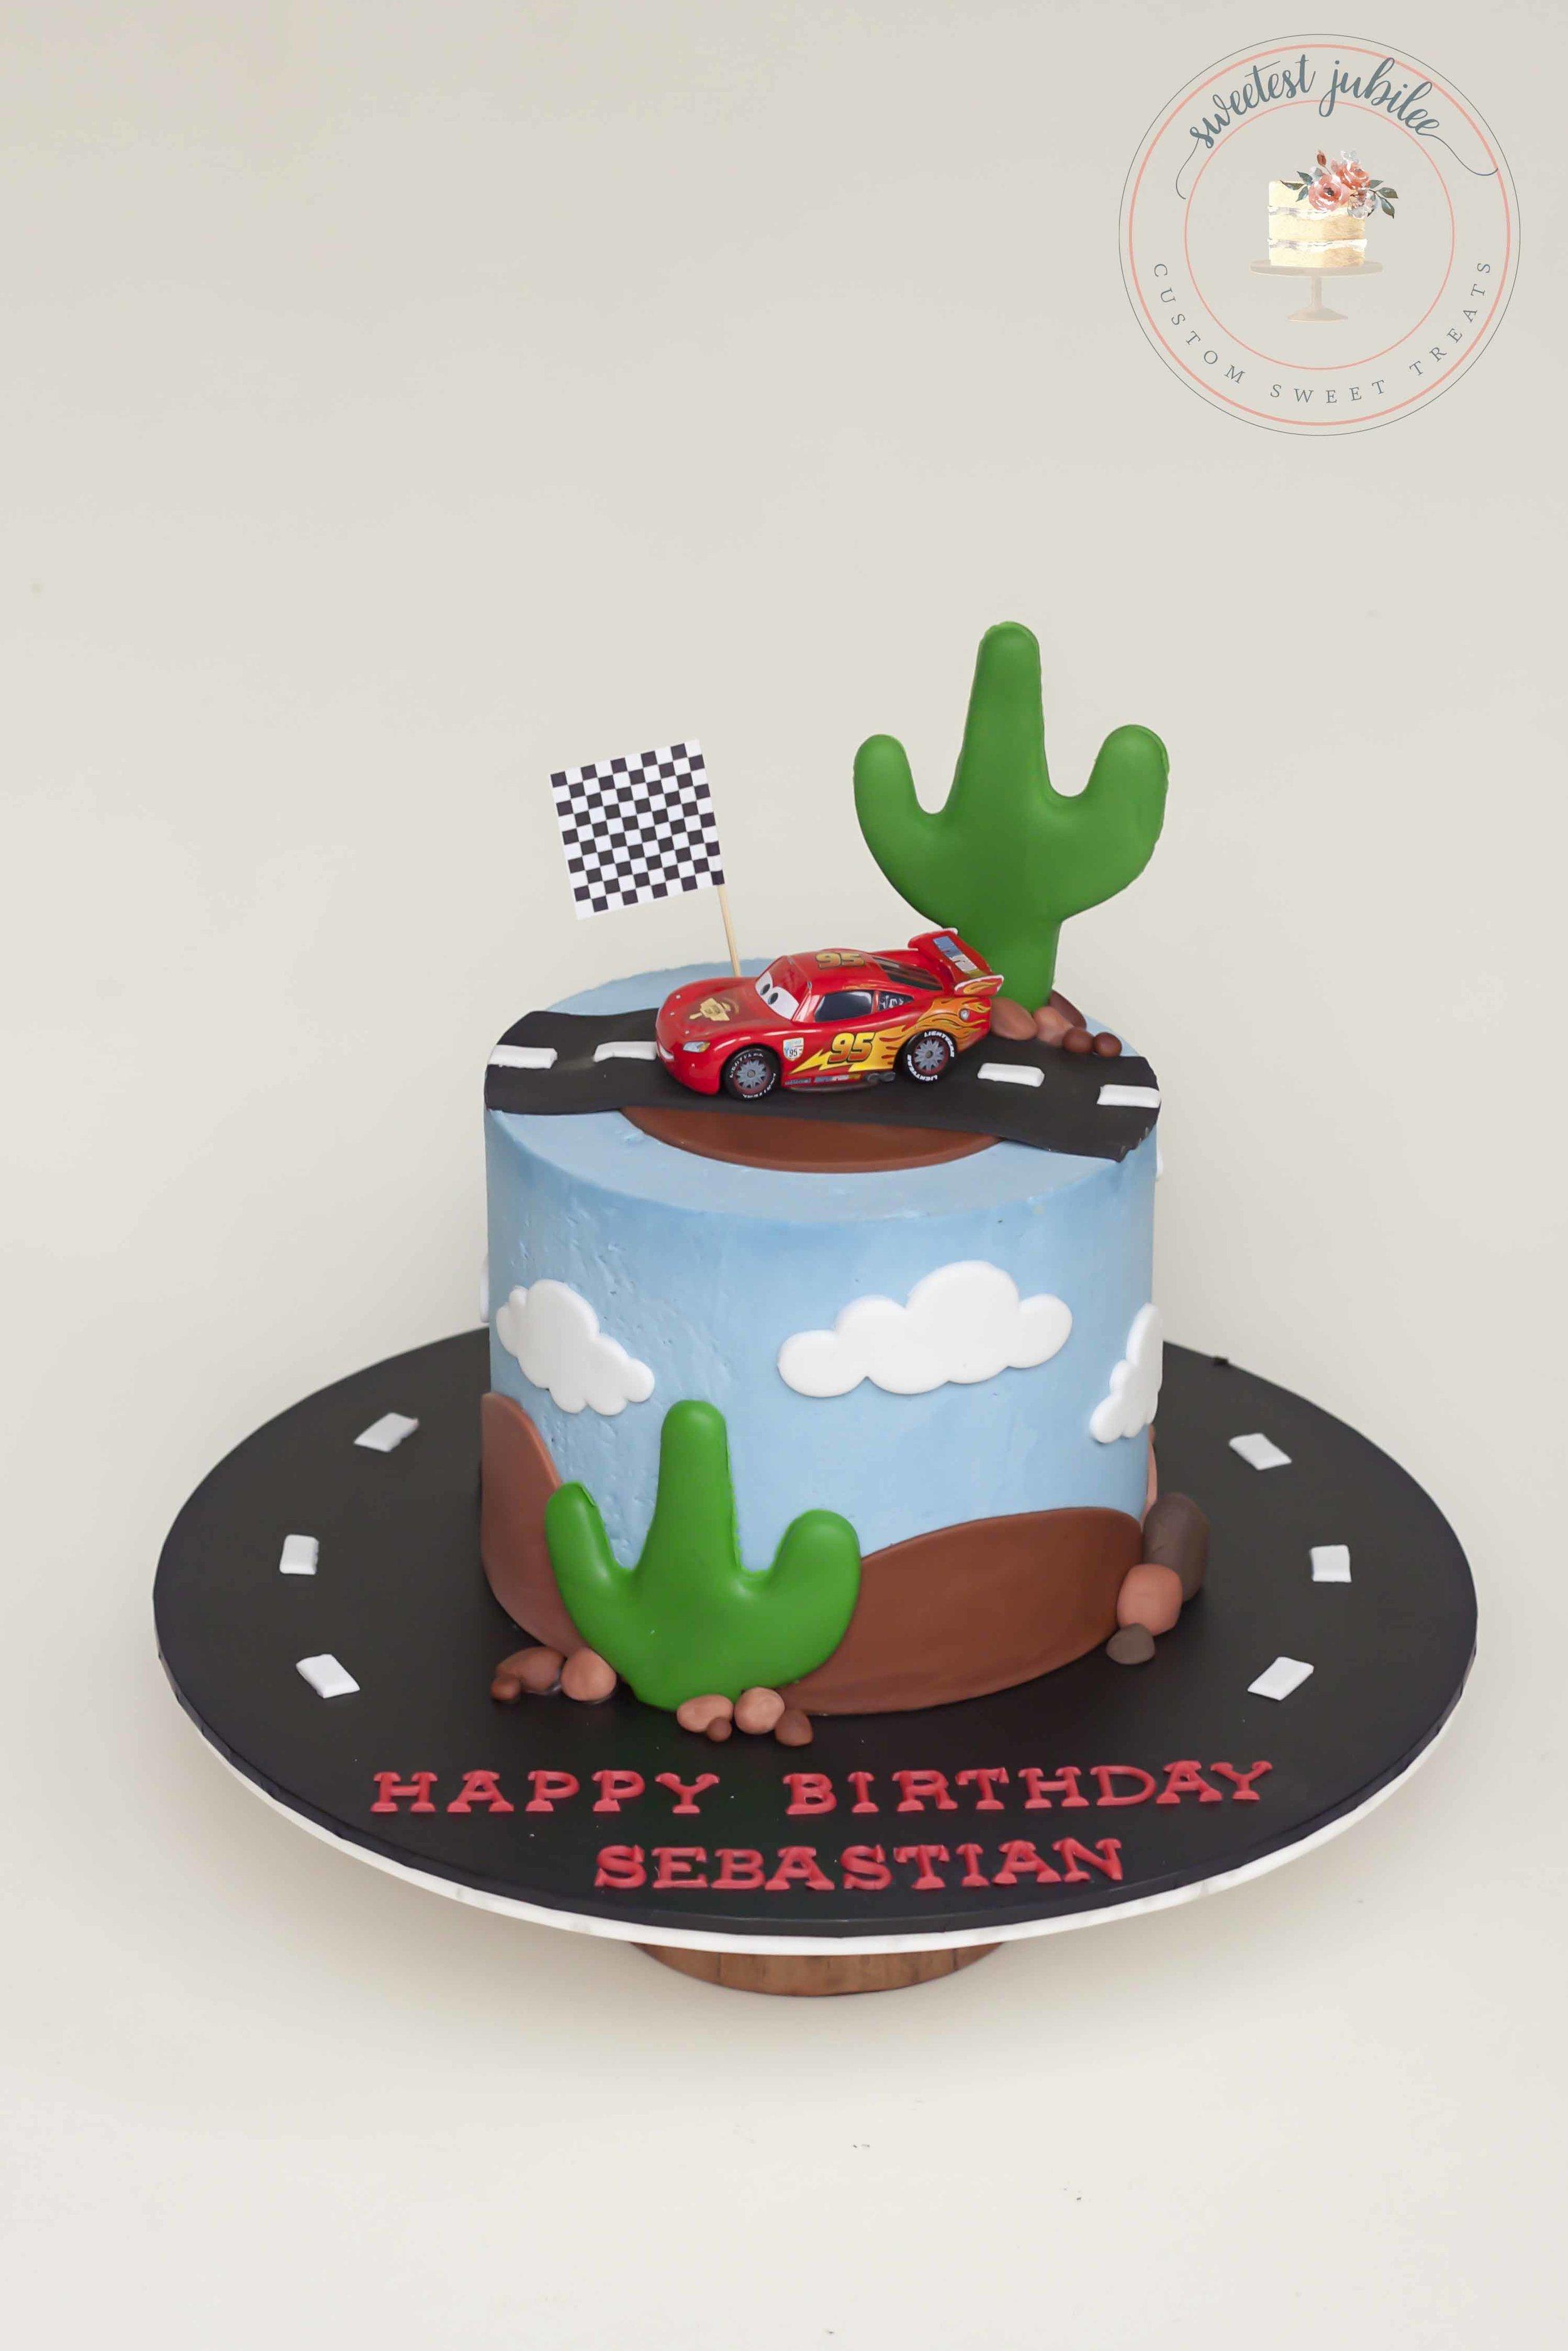 Sebastian cake - cars.jpg